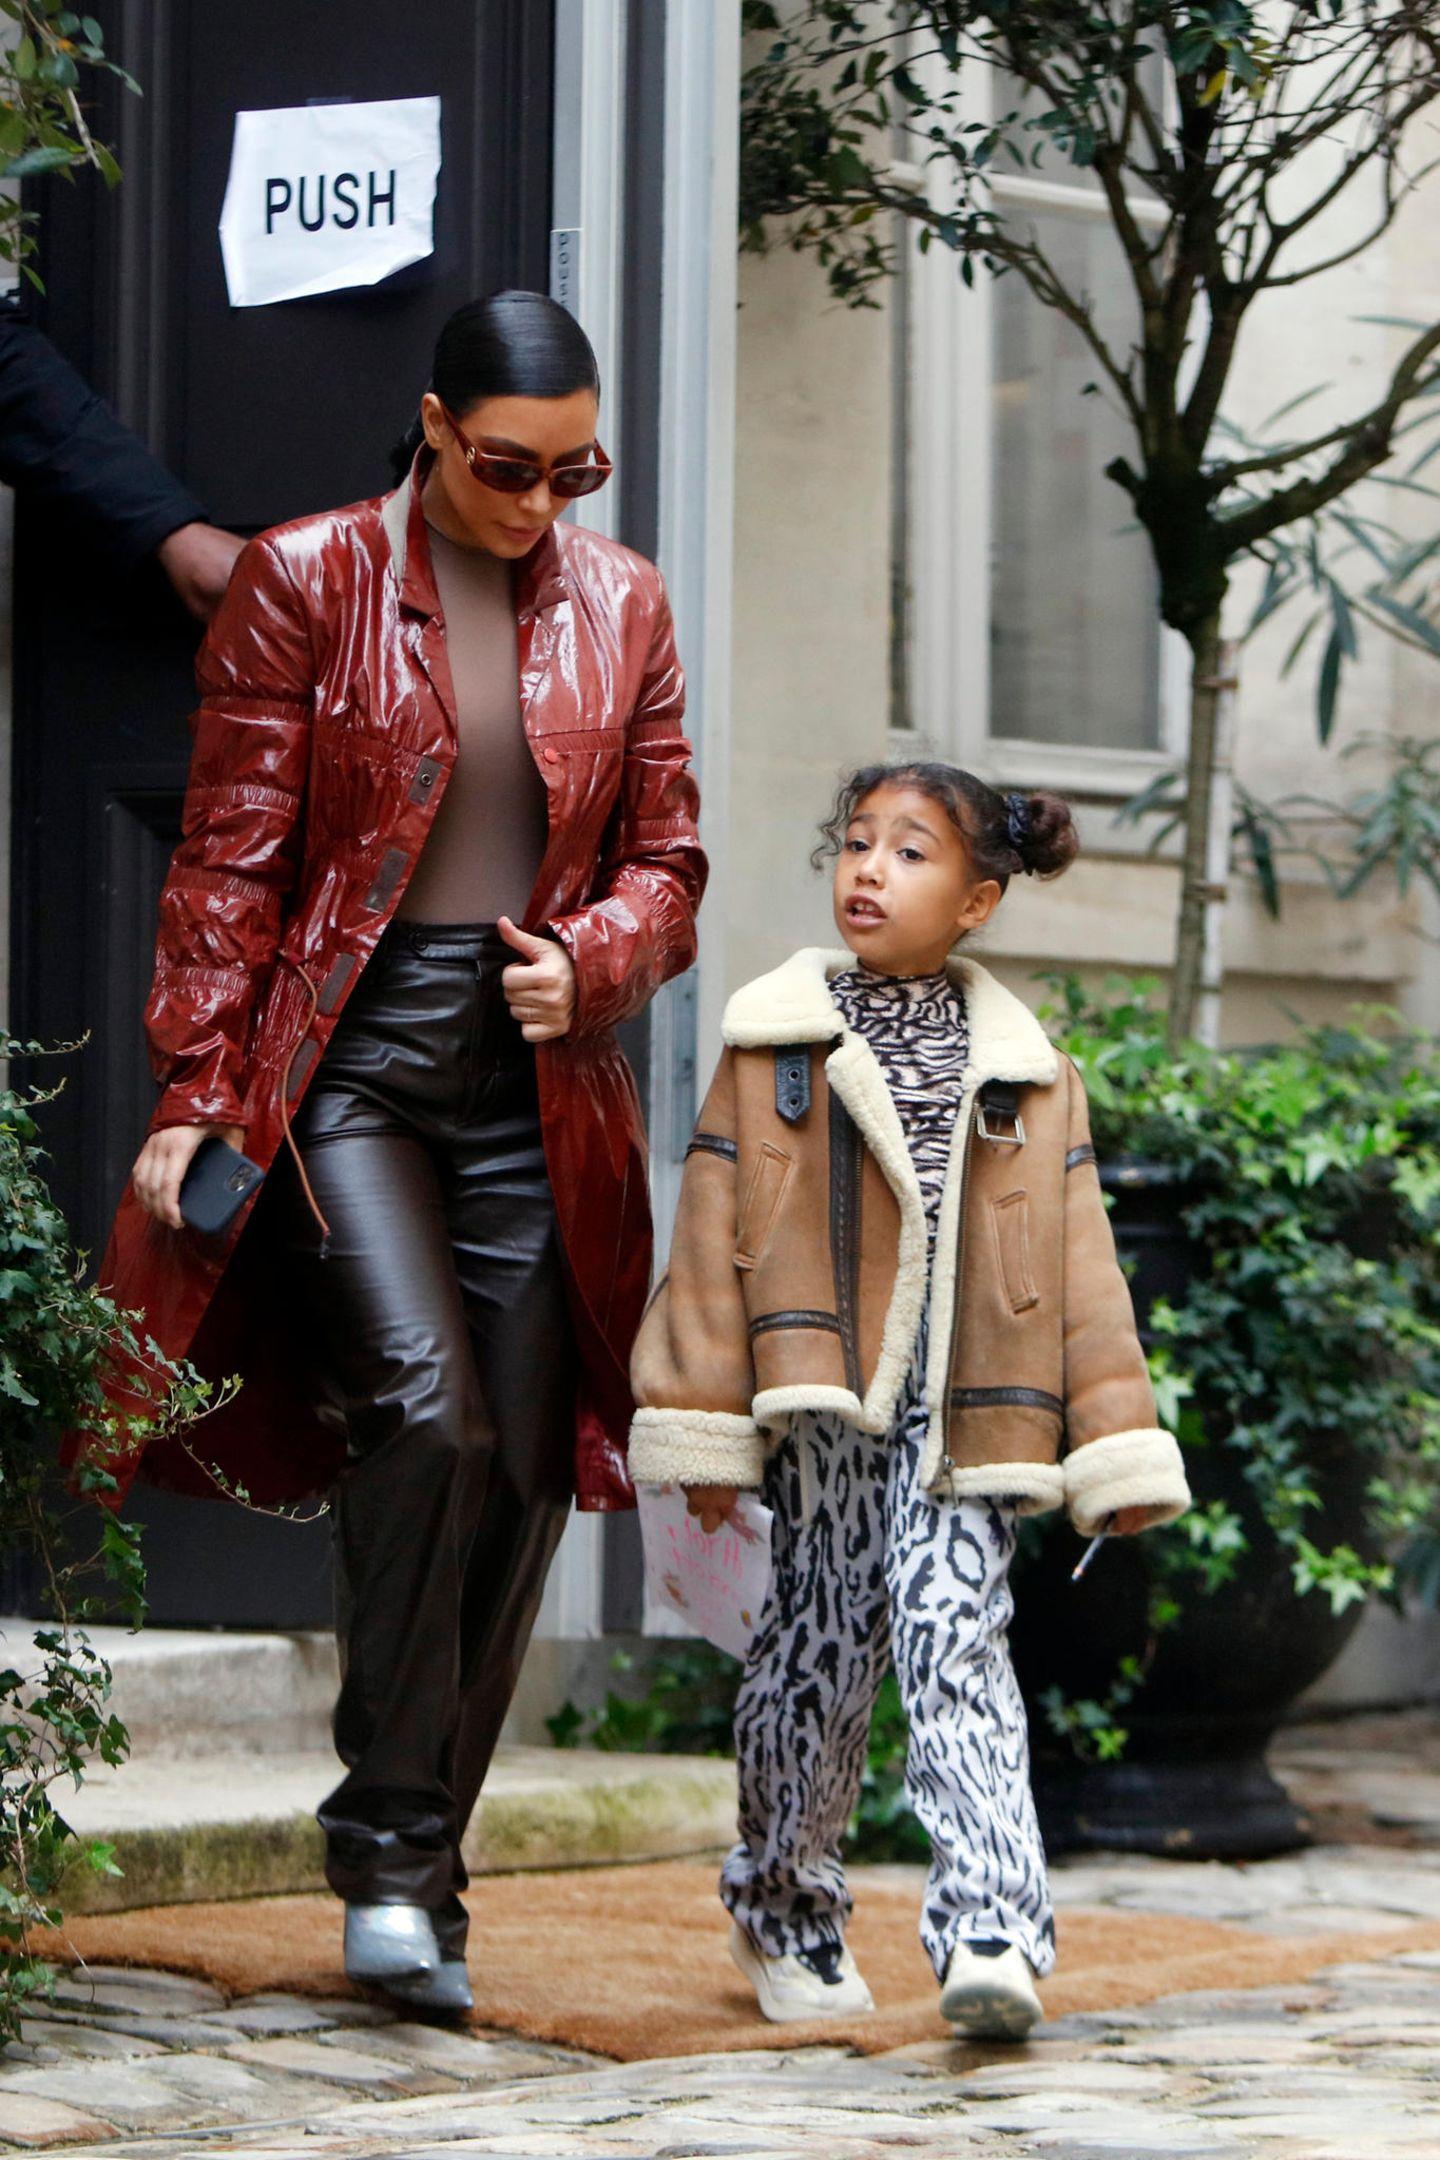 Genau wie Mama Kim scheint sich die kleine North mehrmals am Tag umzuziehen, um den wartenden Streetstyle-Fotografen immer wieder neue Outfits präsentieren zu können. Coole Sneaker und eine Lammfelljacke lassen North aussehen, wie ihre erwachsenen Vorbilder.